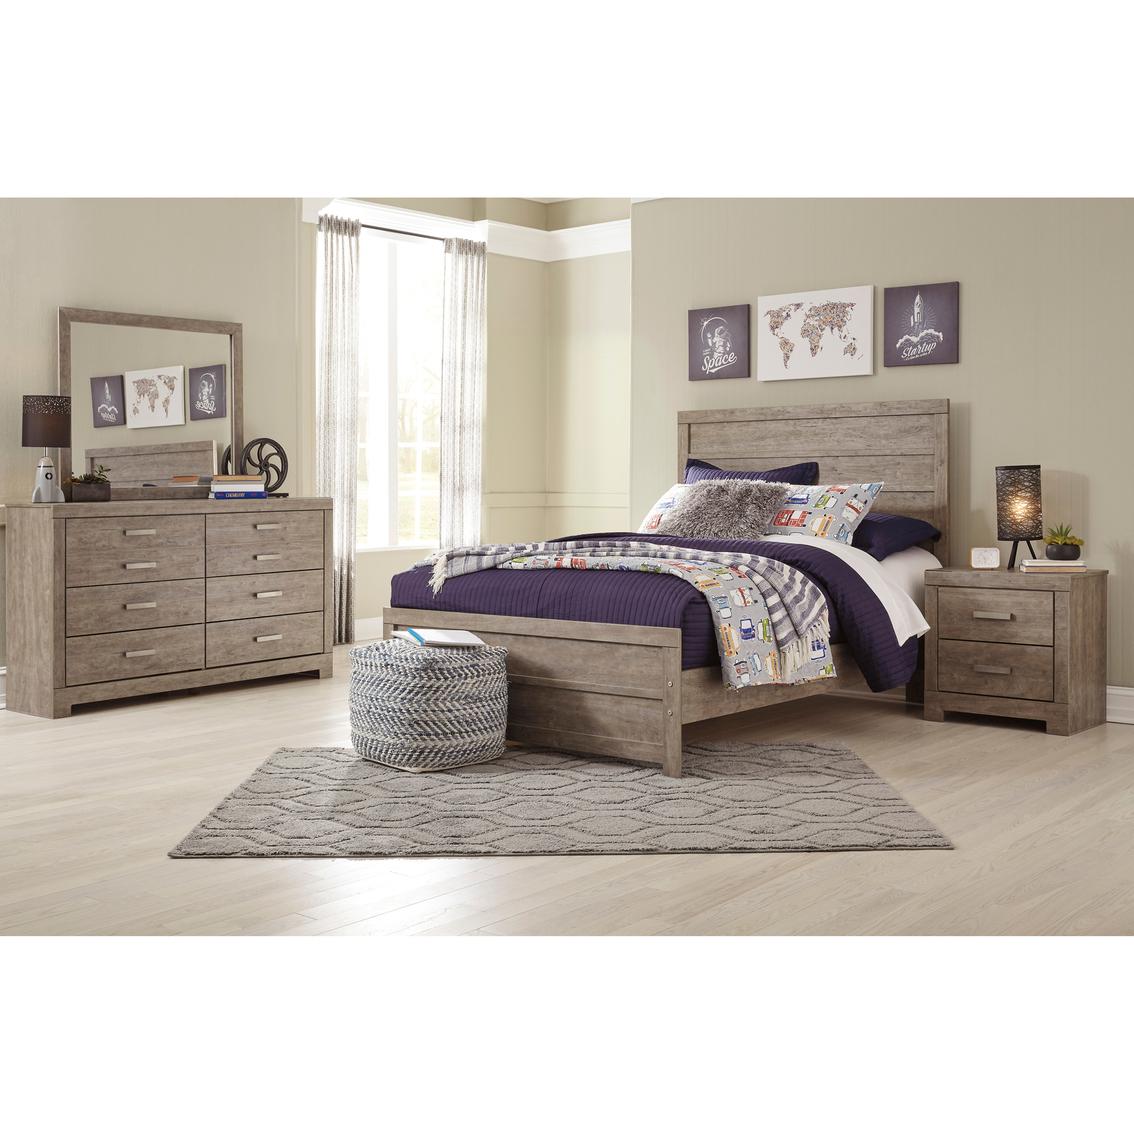 8400 Ashley Bedroom Sets On Sale Best